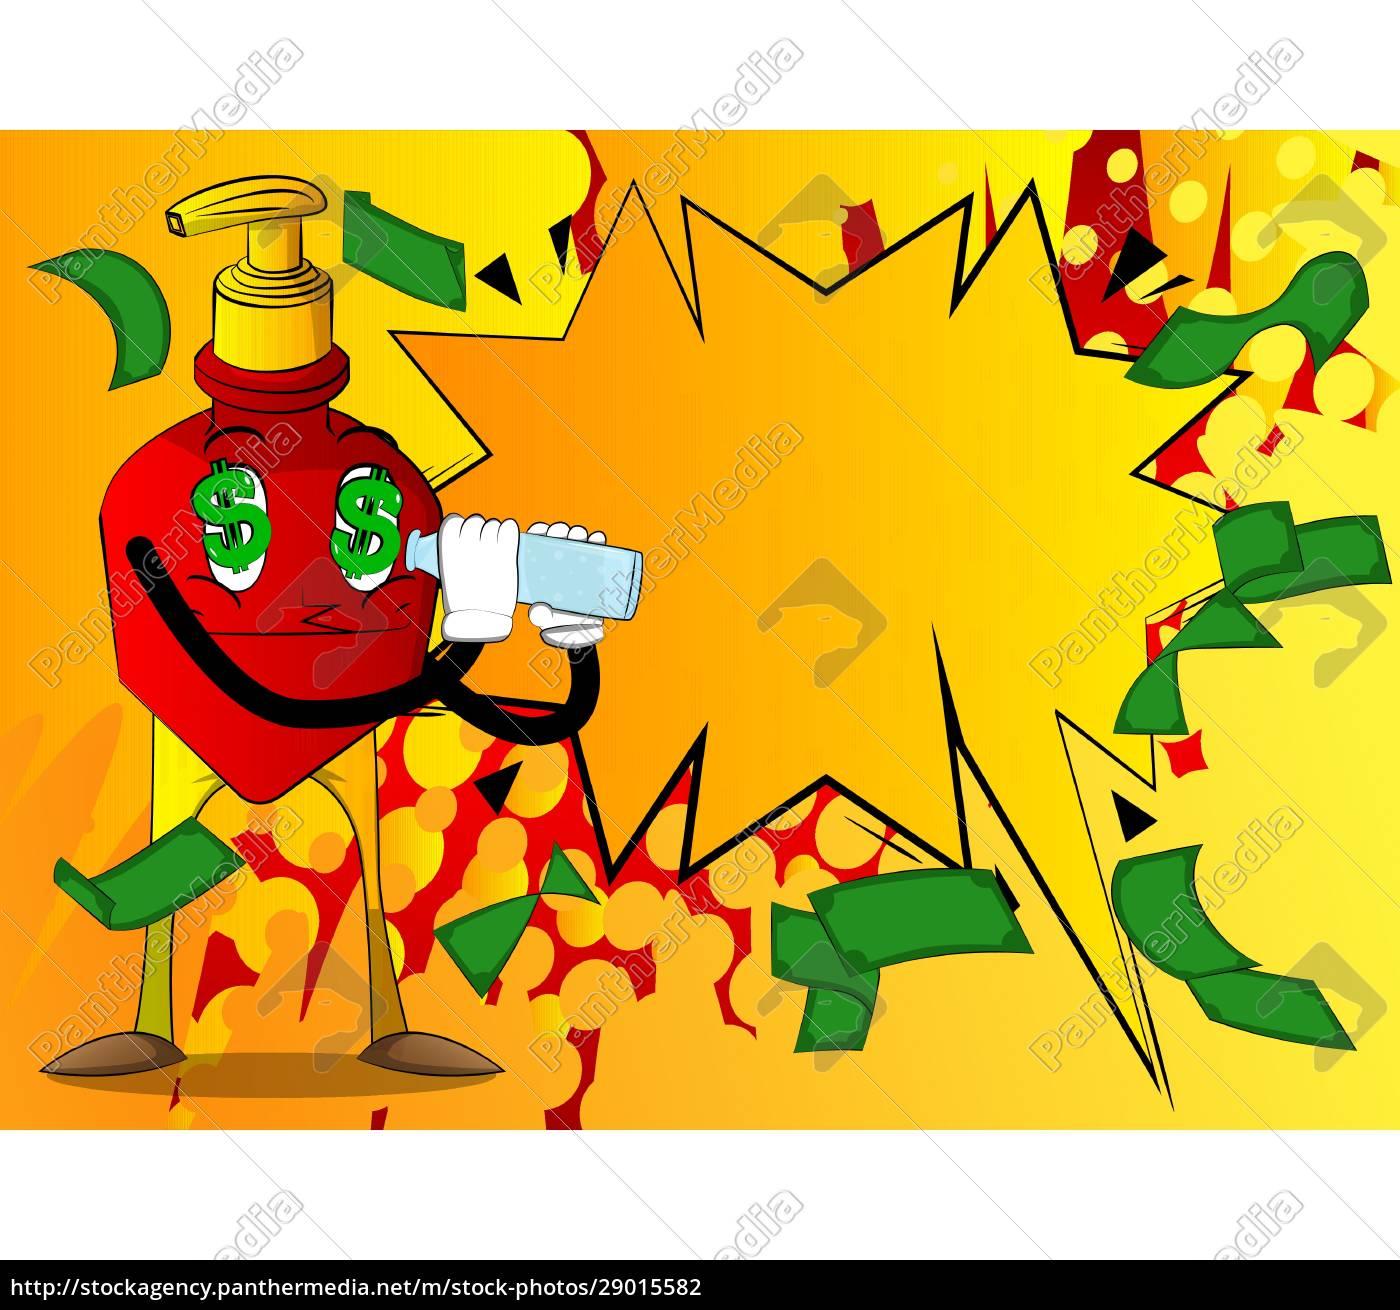 bottle, of, hand, sanitizer, gel, holding - 29015582